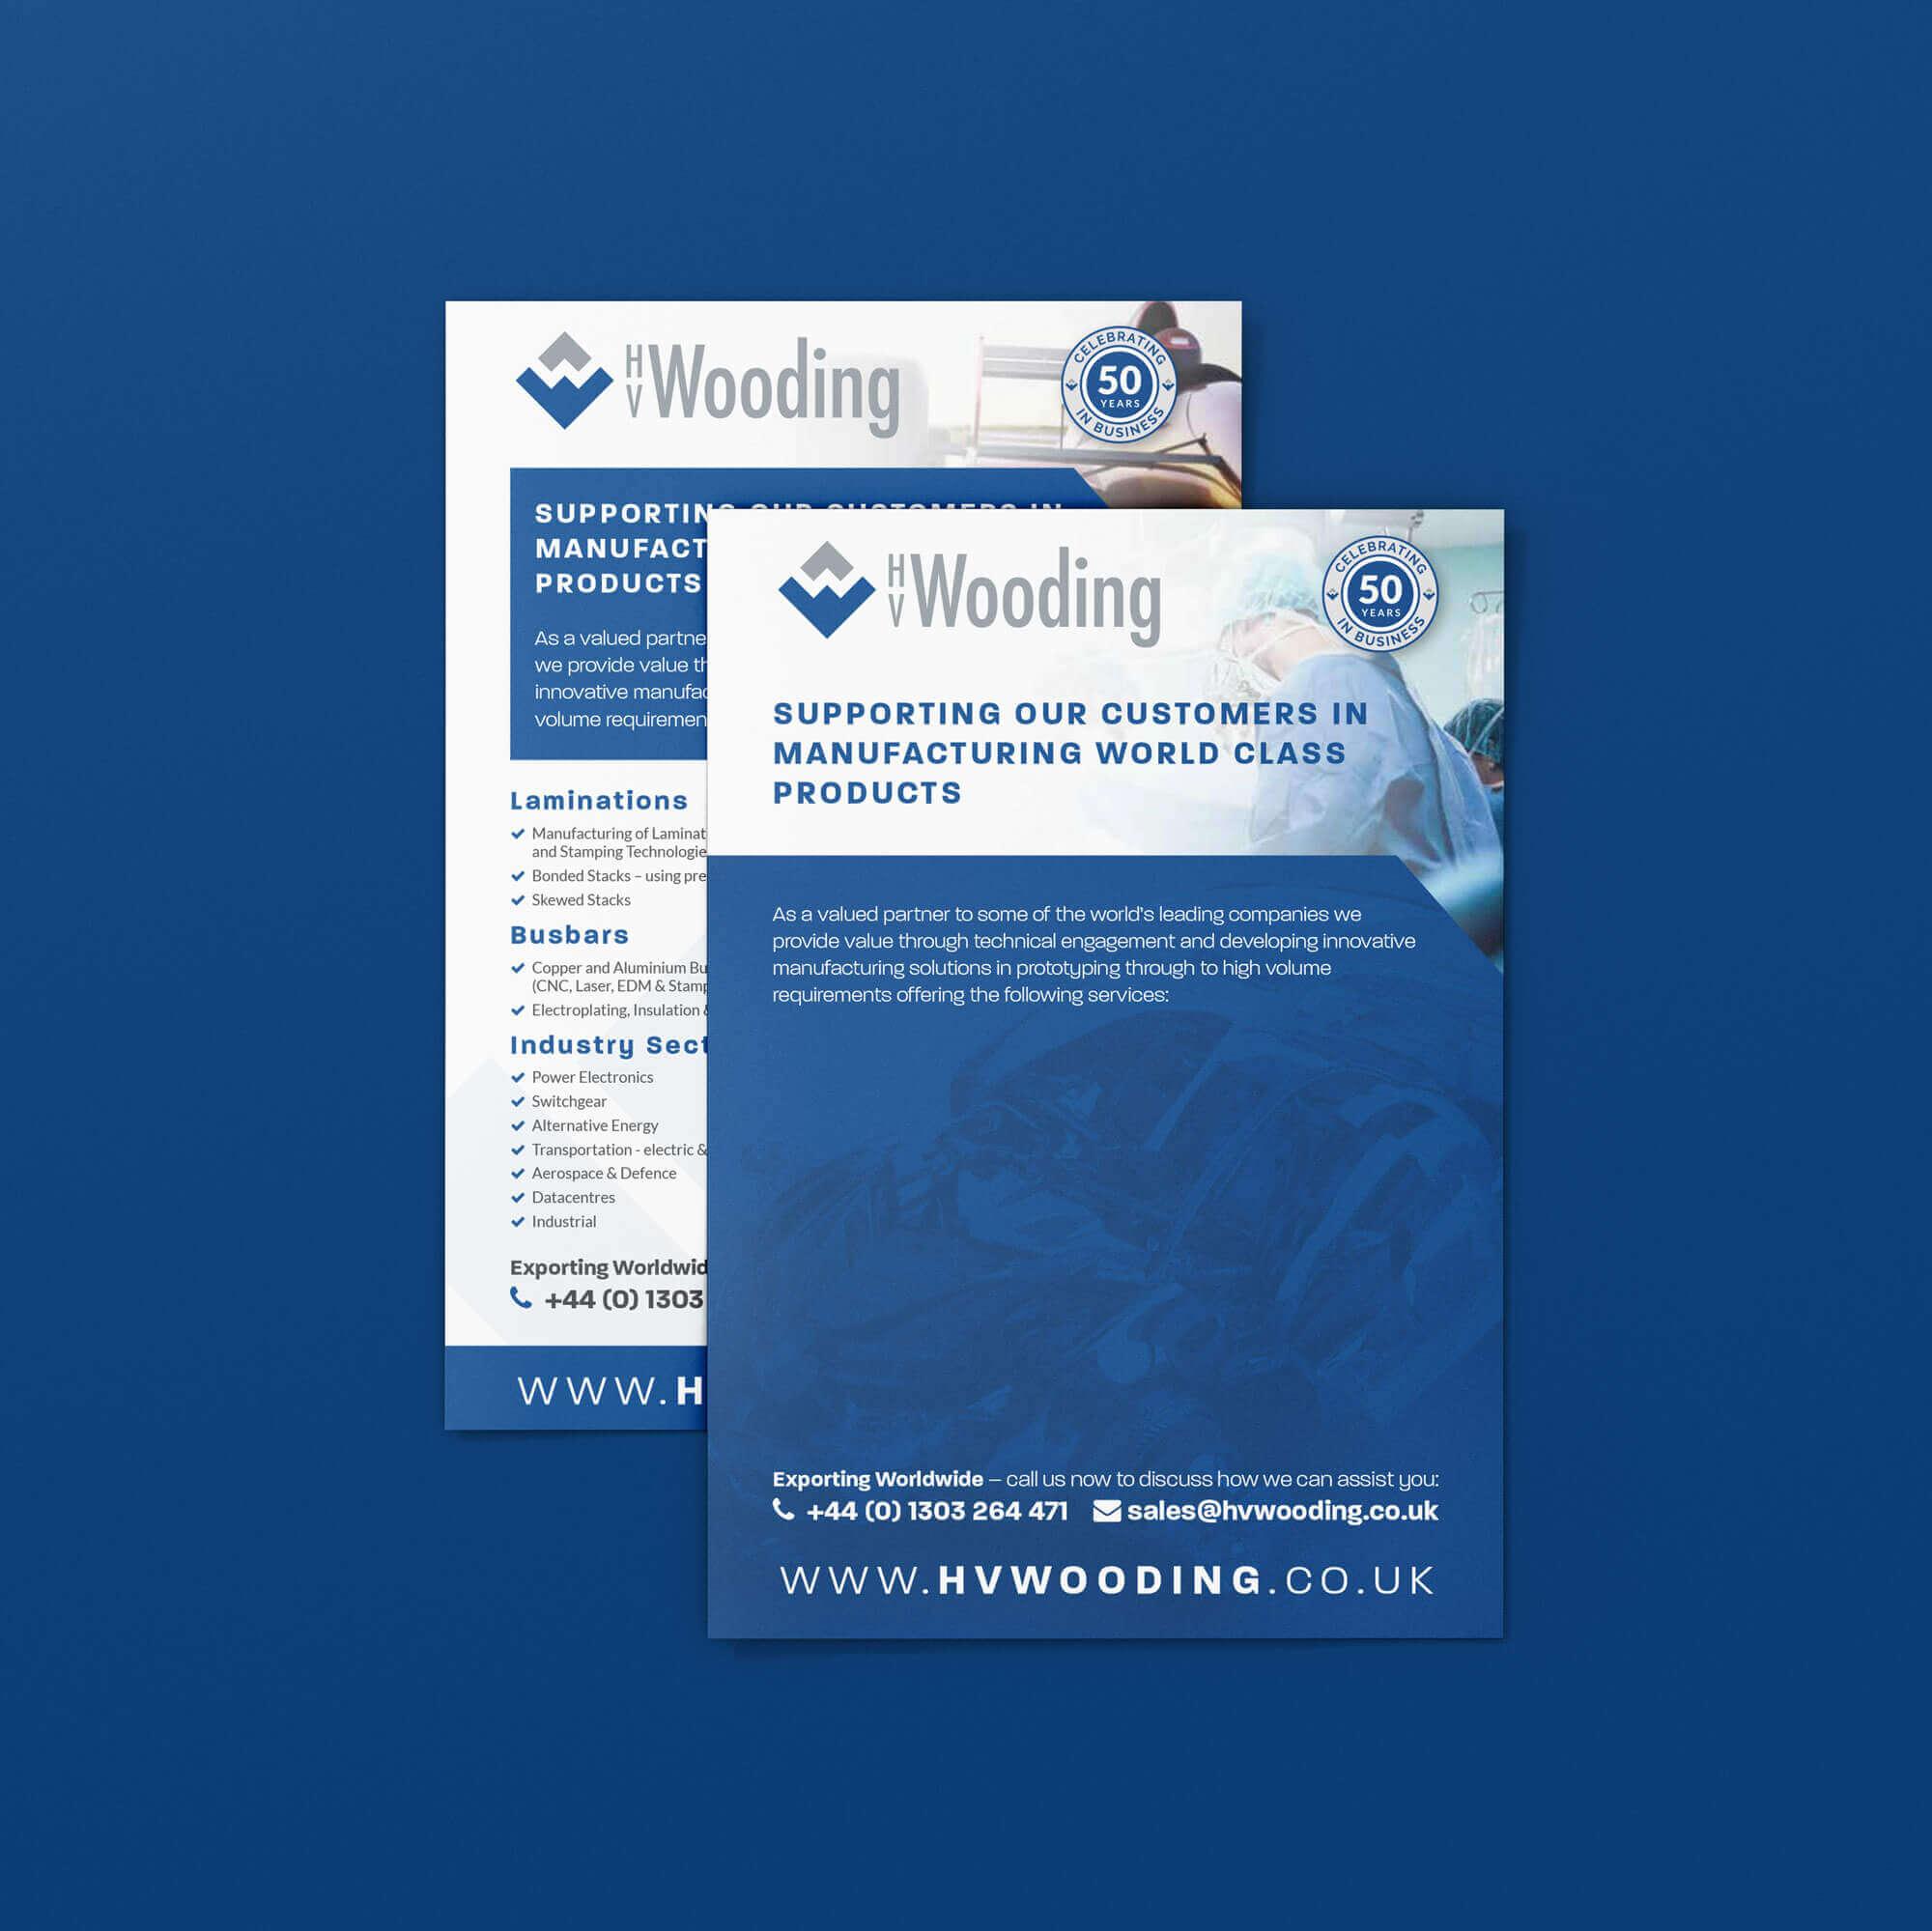 HV Wooding Design